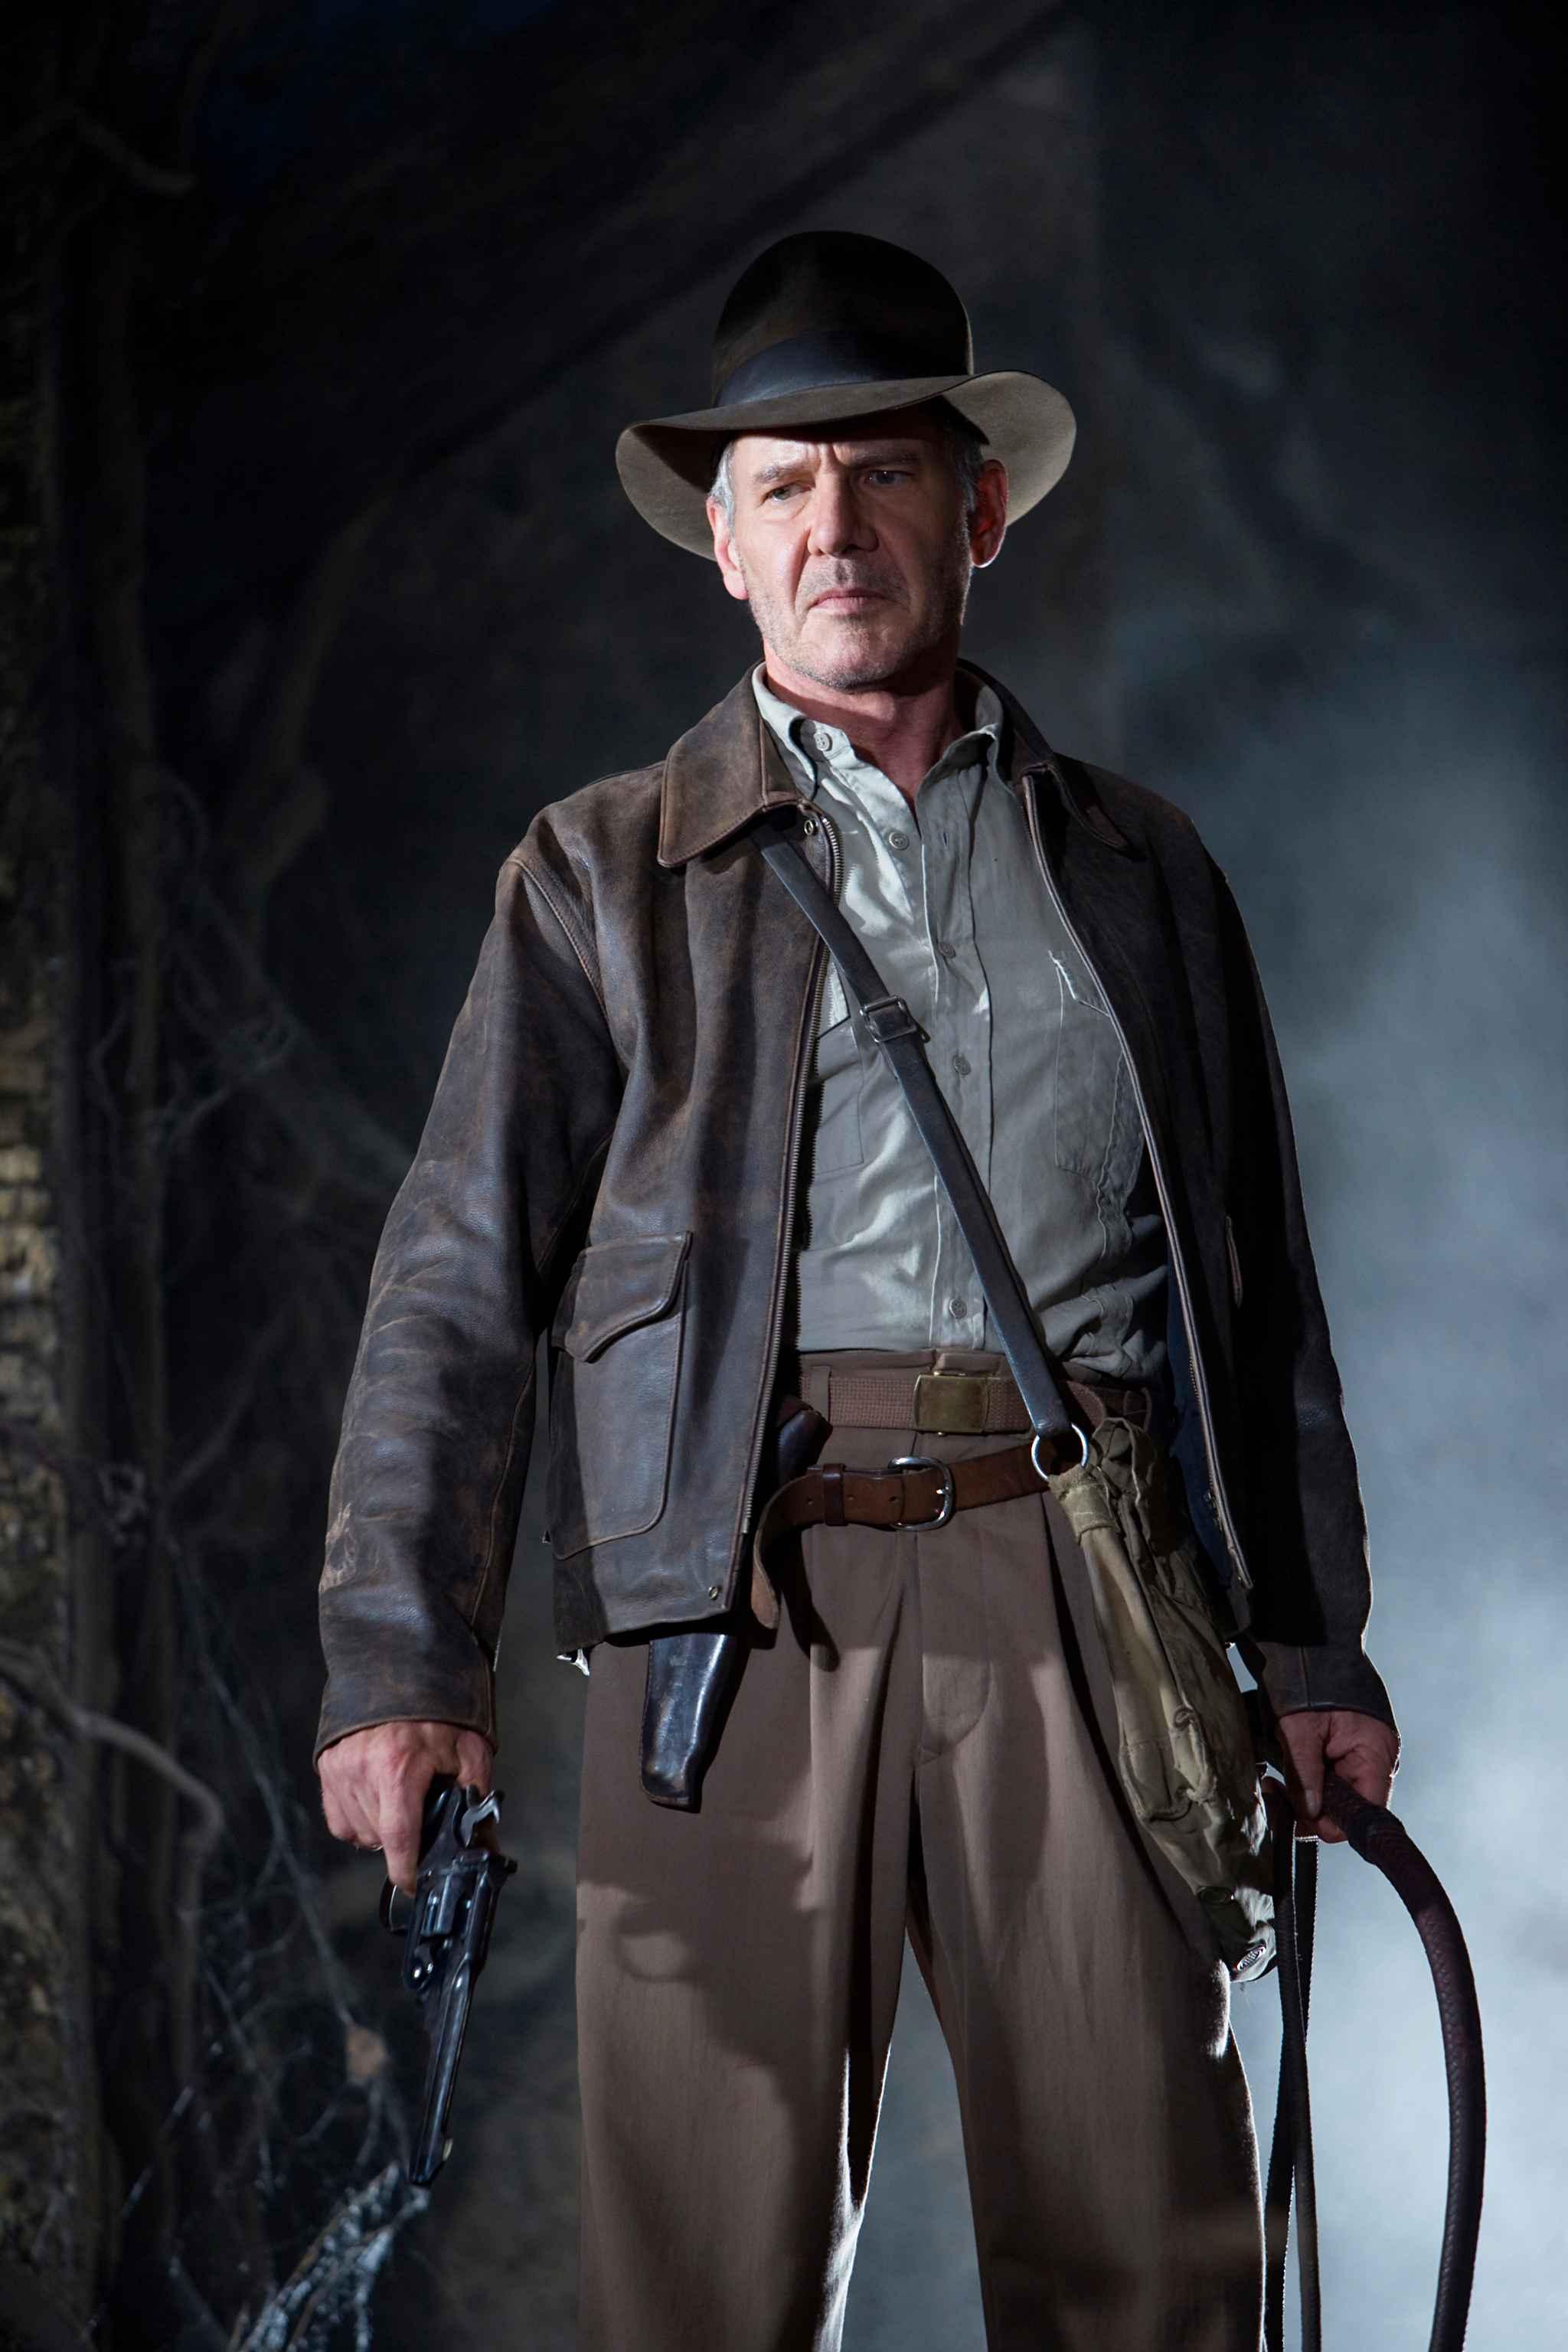 #3 Indiana Jones Indiana Jones  sc 1 st  FactoryTwoFour & Five Simple Iconic Halloween Costumes | FactoryTwoFour